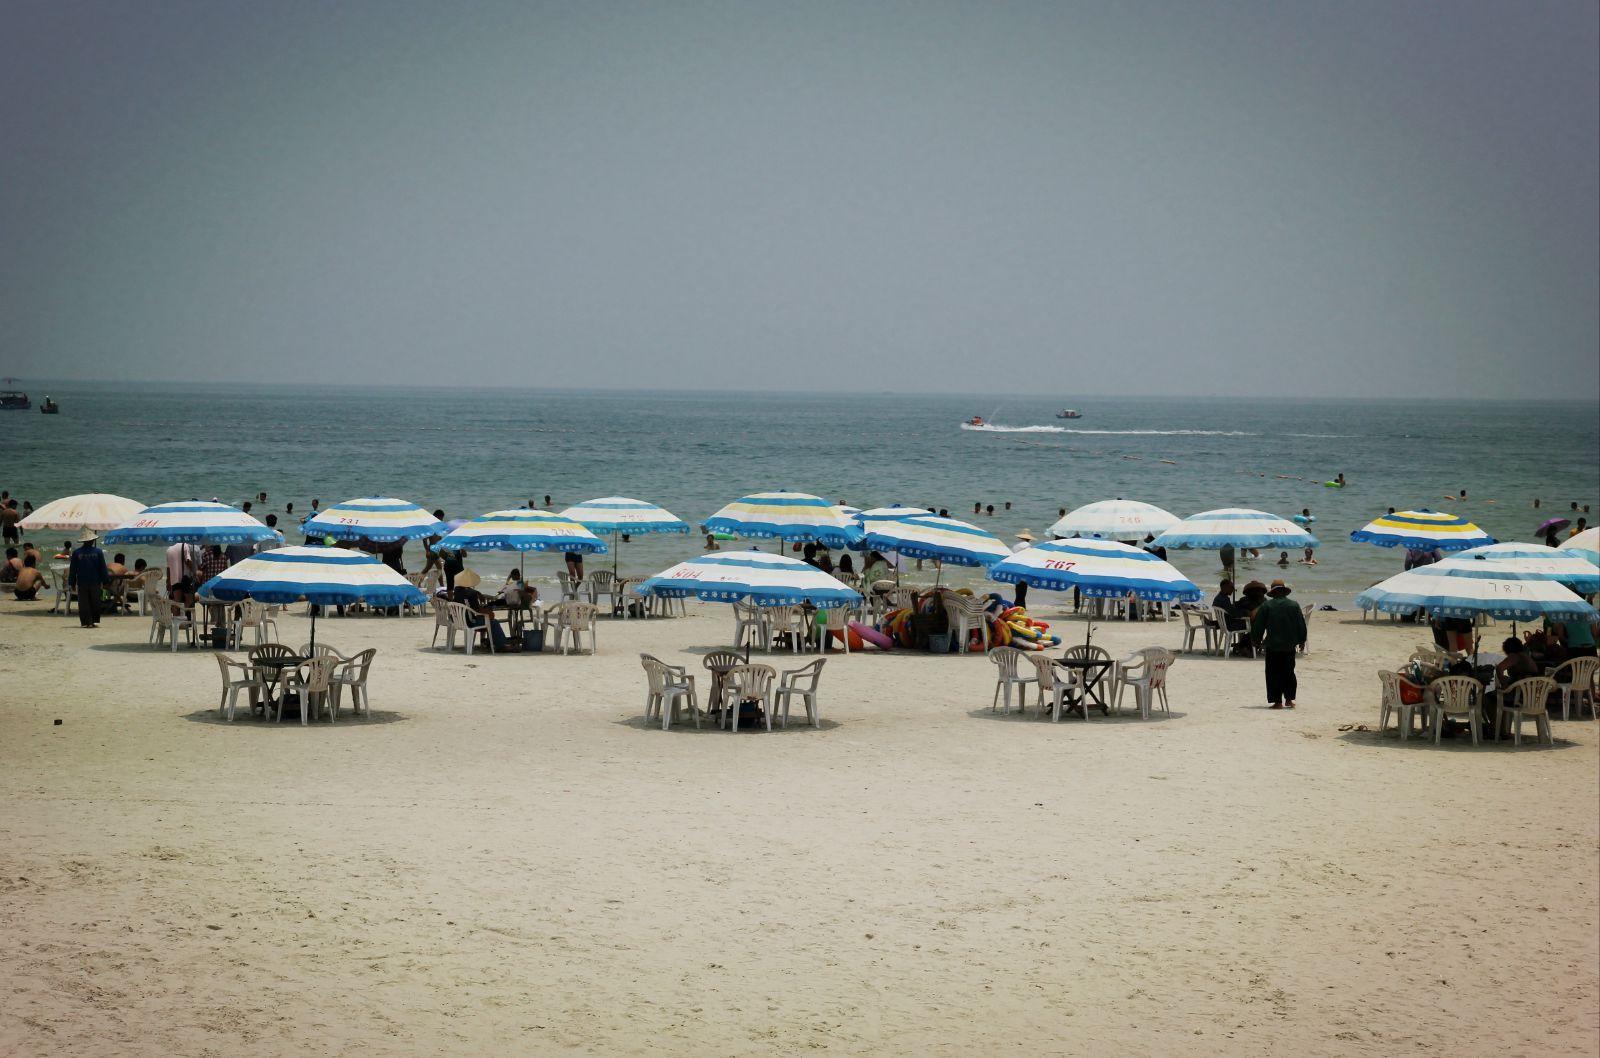 北海游泳偷拍_5月底北海白天温度基本都有33度左右,周末来银滩游泳的人很多